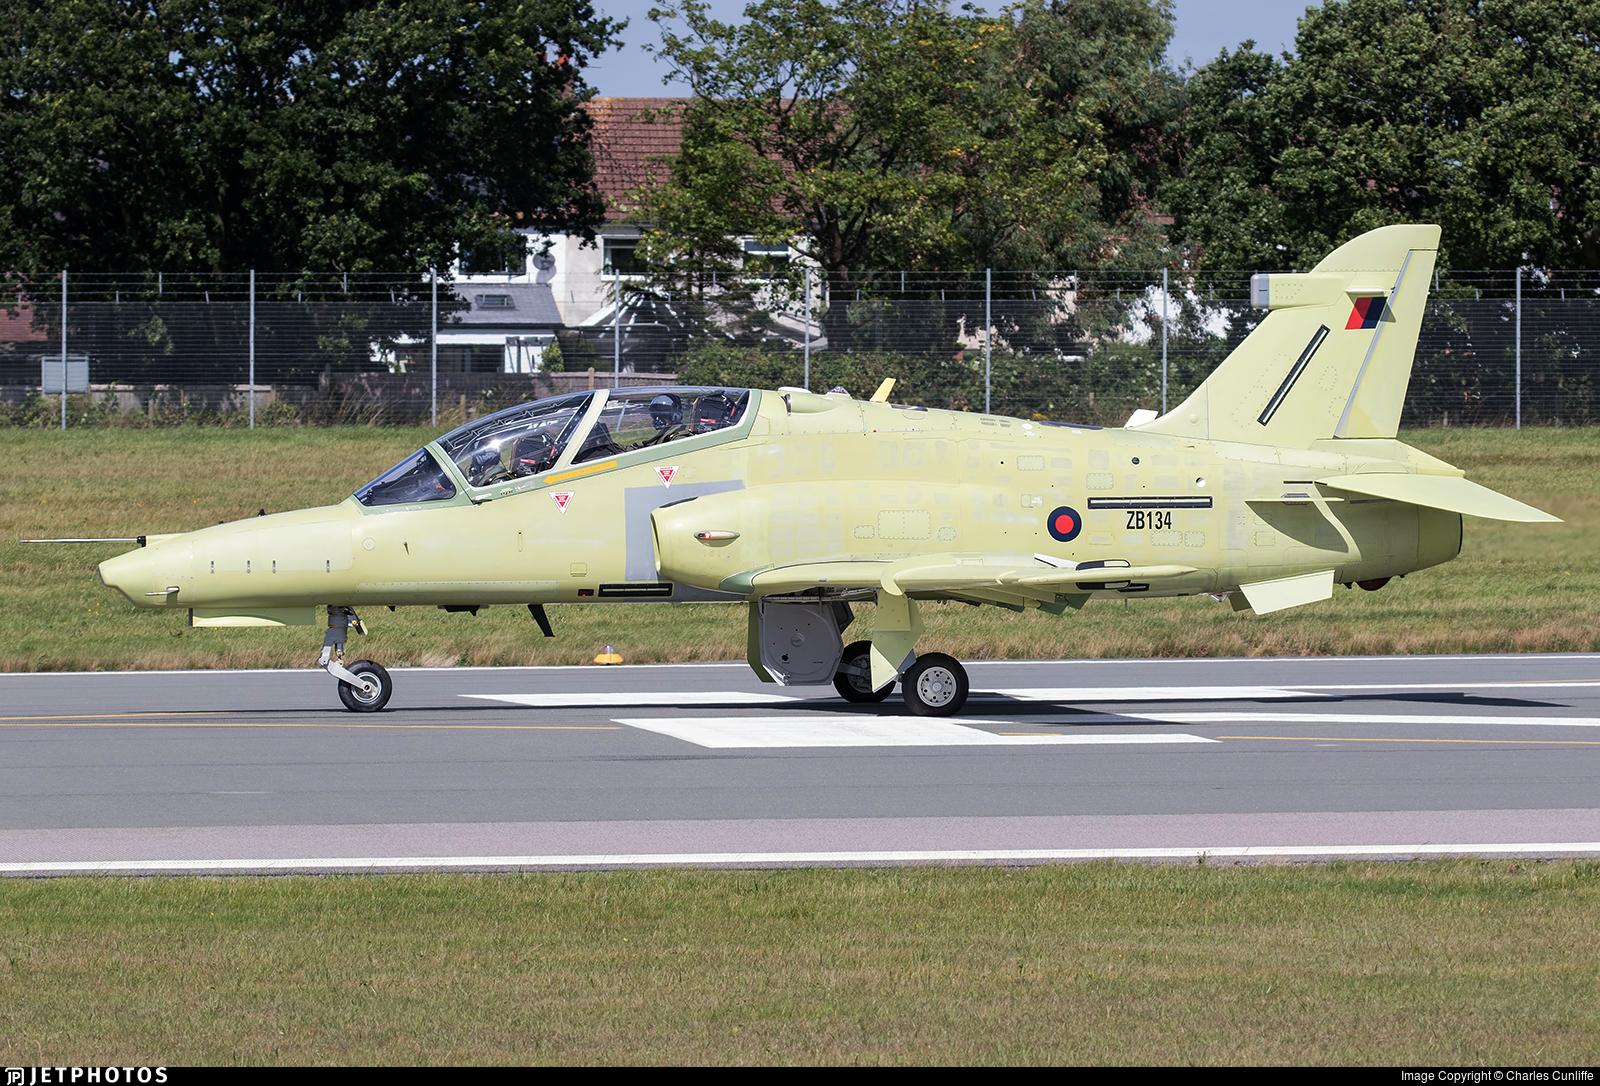 ZB134 - British Aerospace Hawk Mk167 - United Kingdom - Royal Air Force (RAF)